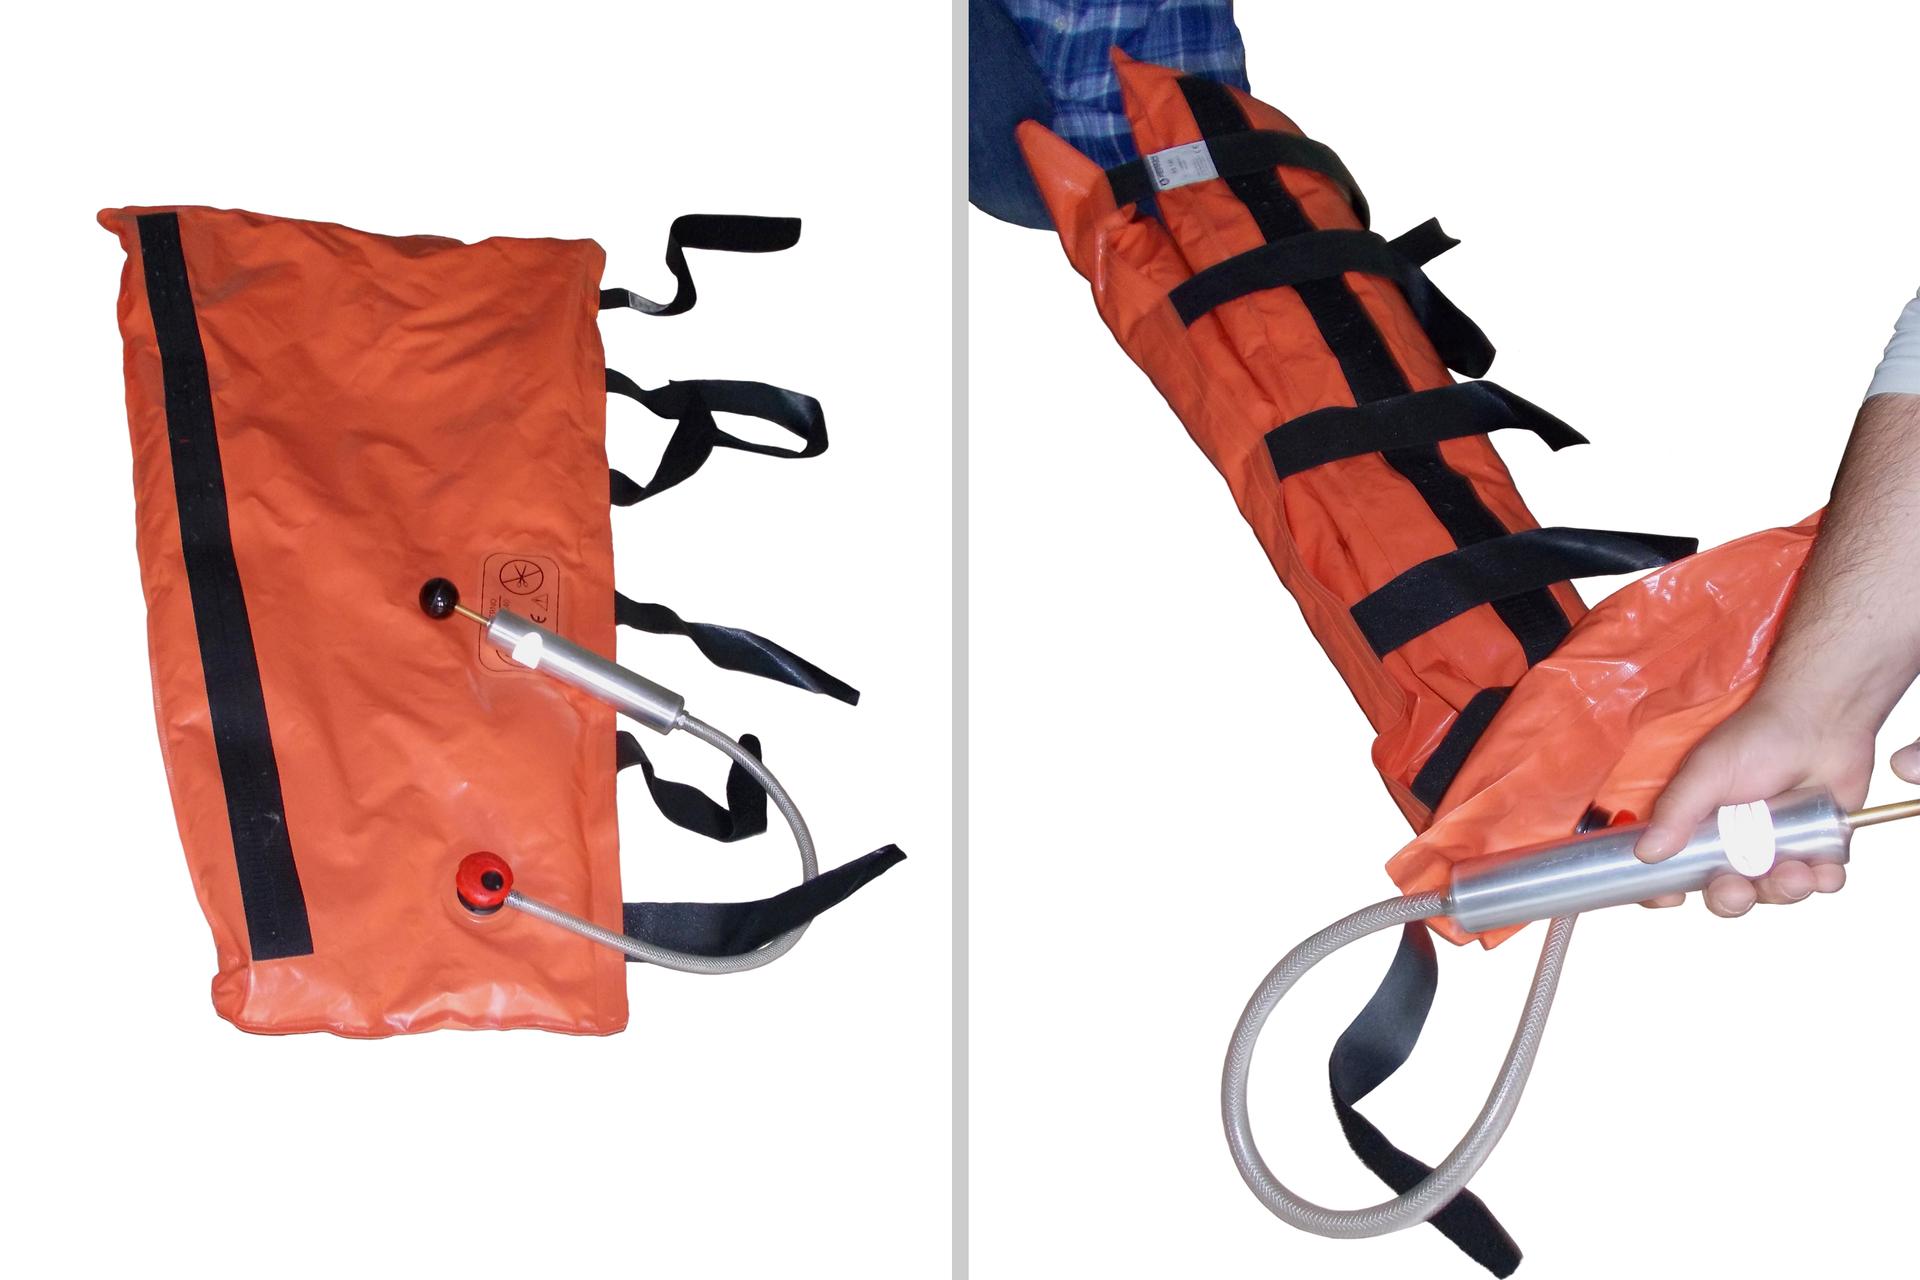 Dwie fotografie ułożone obok siebie, pierwsza przedstawia rozłożoną szynę próżniową wraz zpompką, druga prezentuje szynę założoną na nogę, widoczna jest pompka iręce pompującego